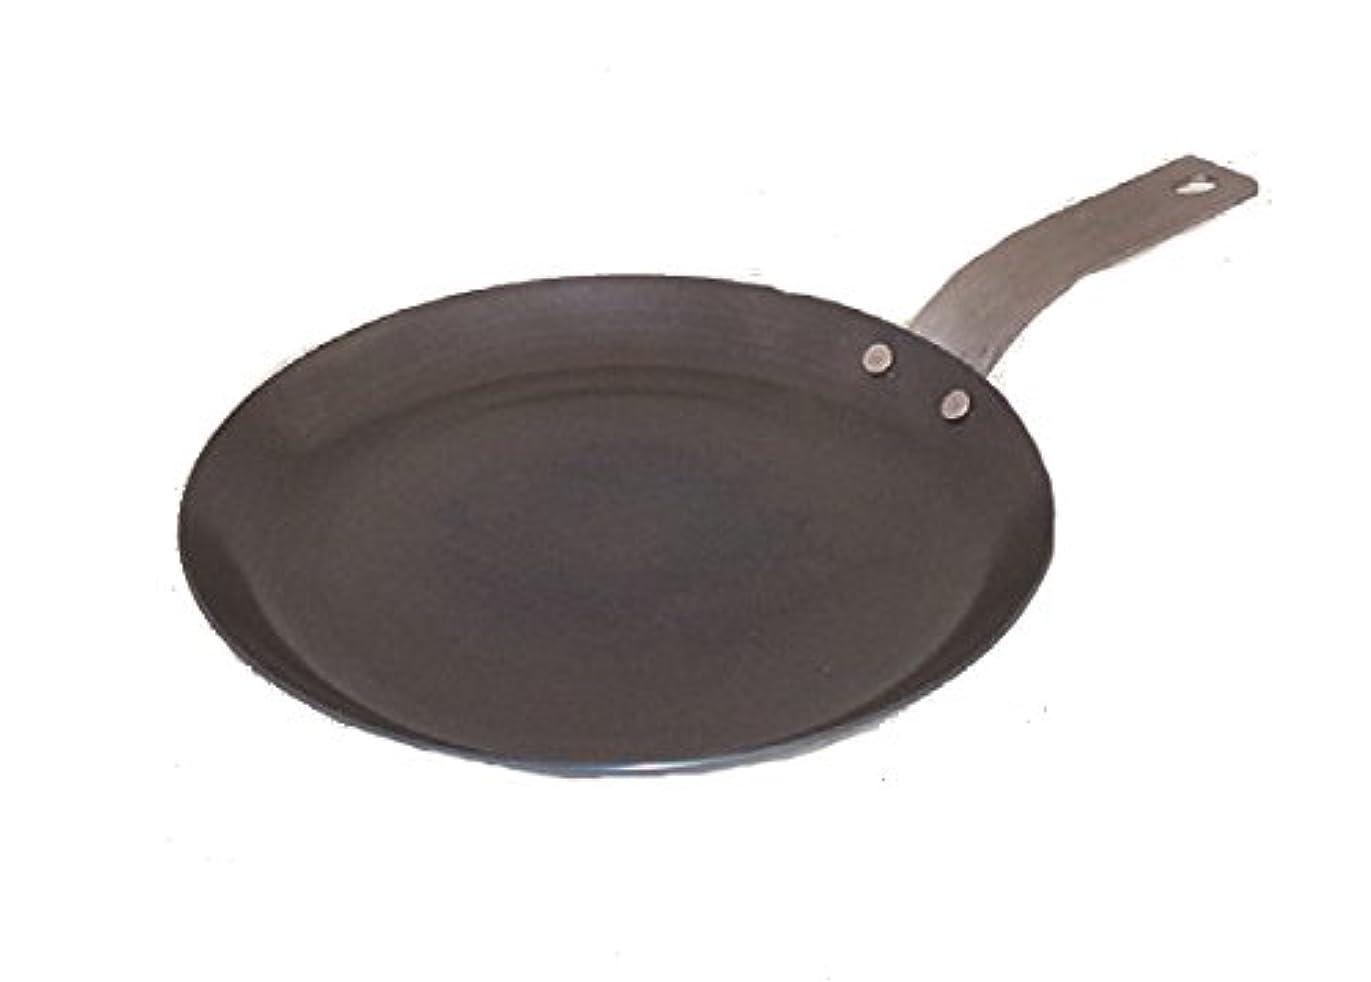 溶かす篭自信がある藤田金属 モーニング&トーストカリふわパン 使いやすい鉄 中 005102